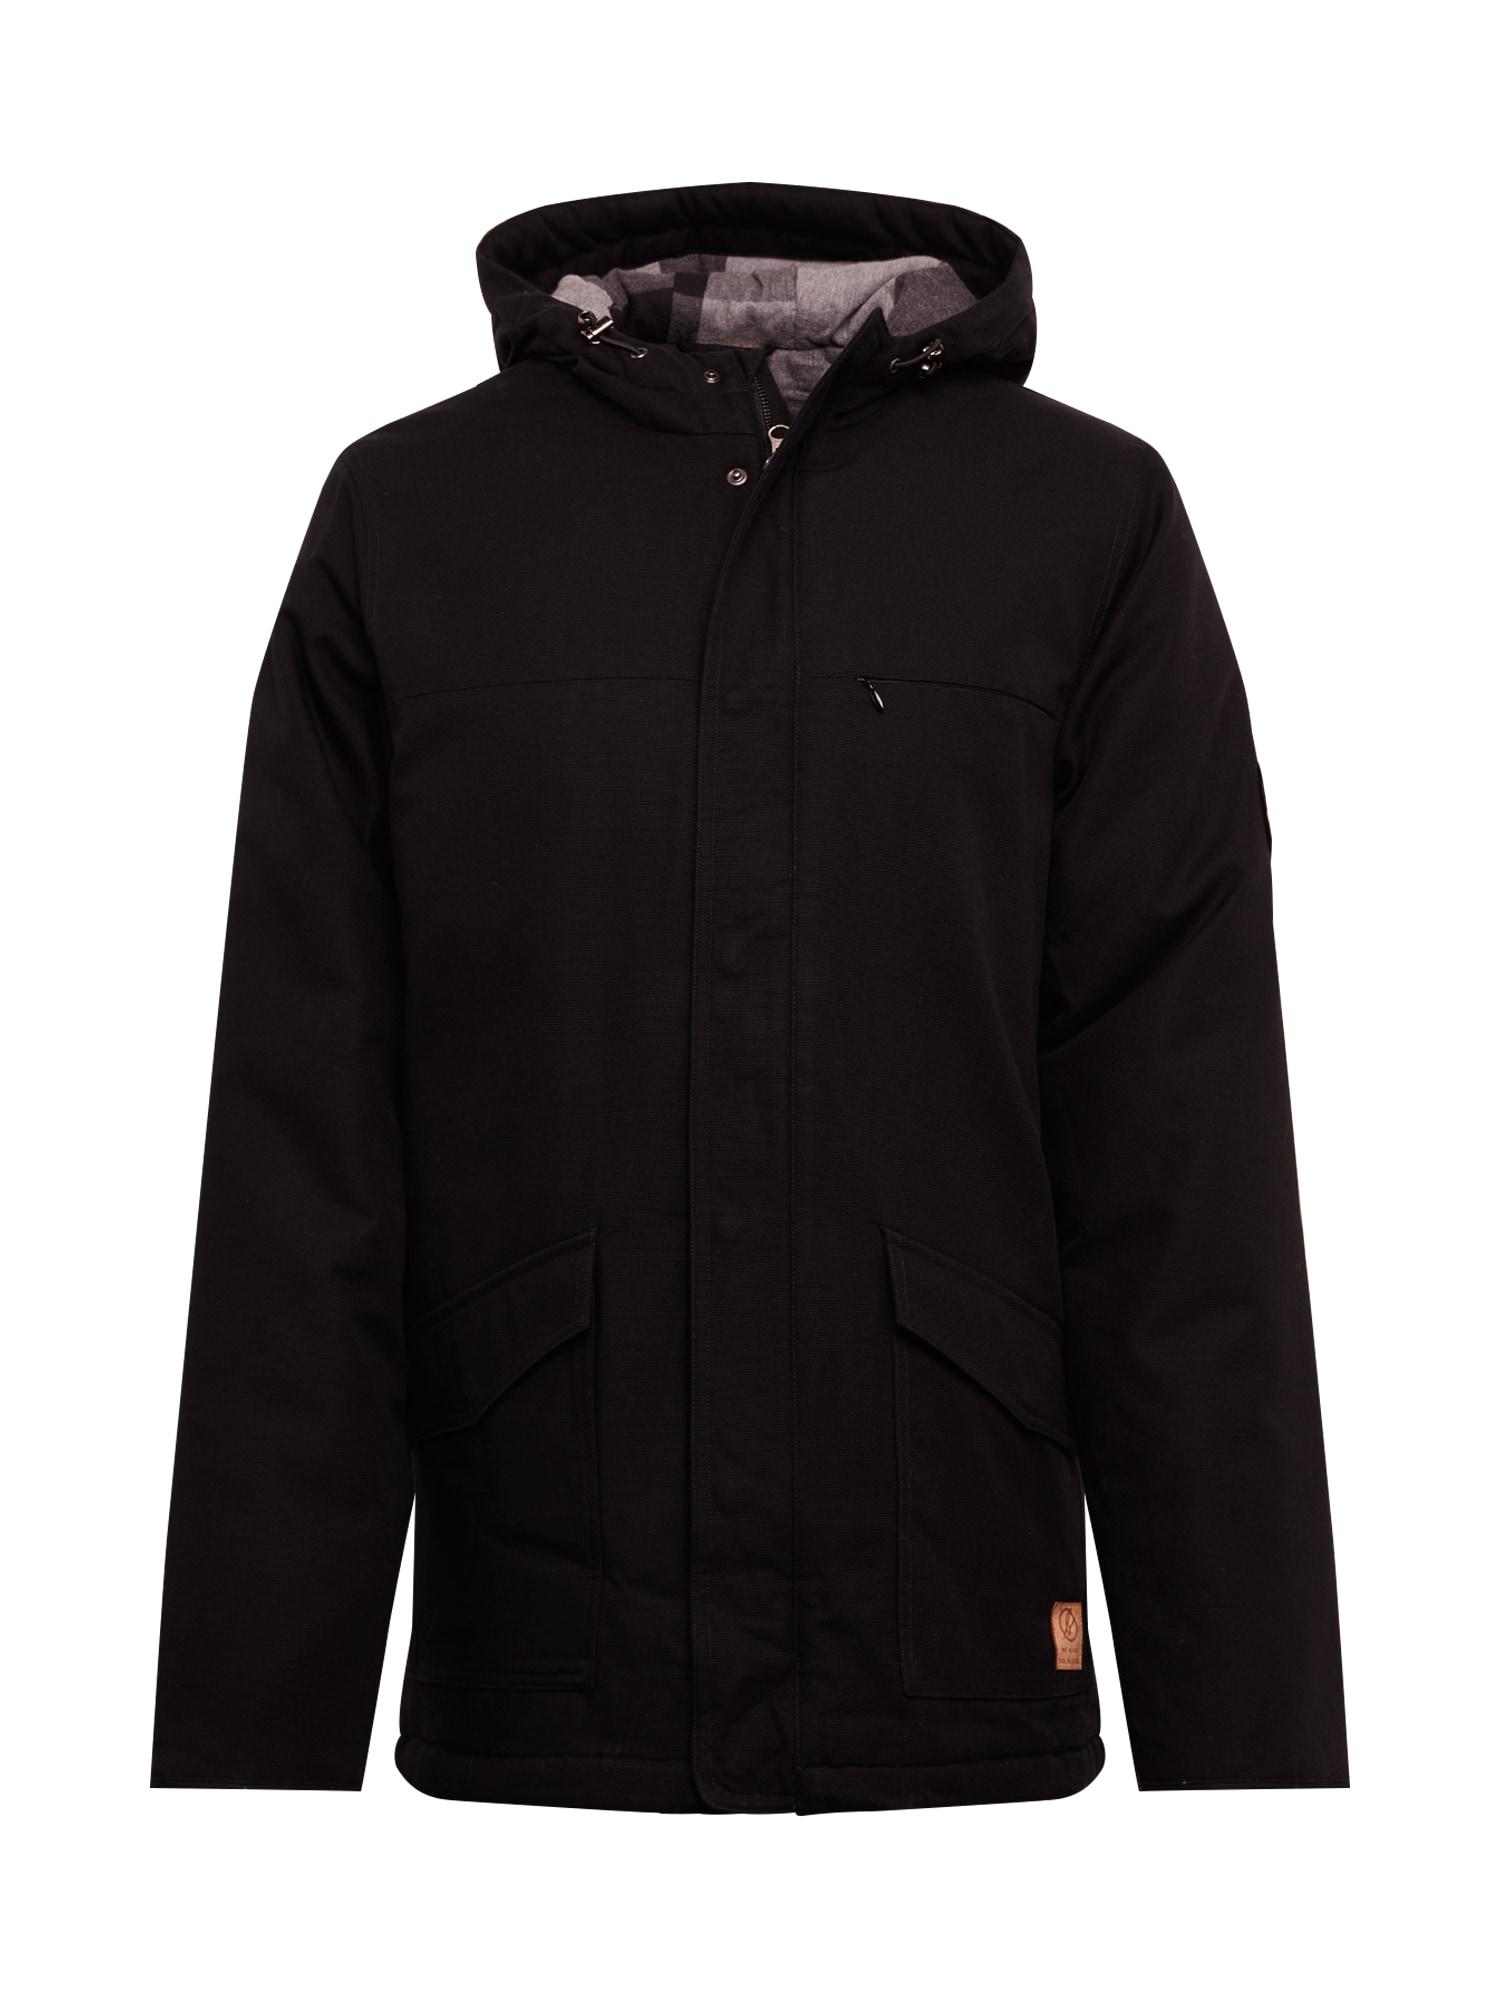 bleed clothing Ilga rudeninė-žieminė striukė 'guerilla thermal Parka' juoda